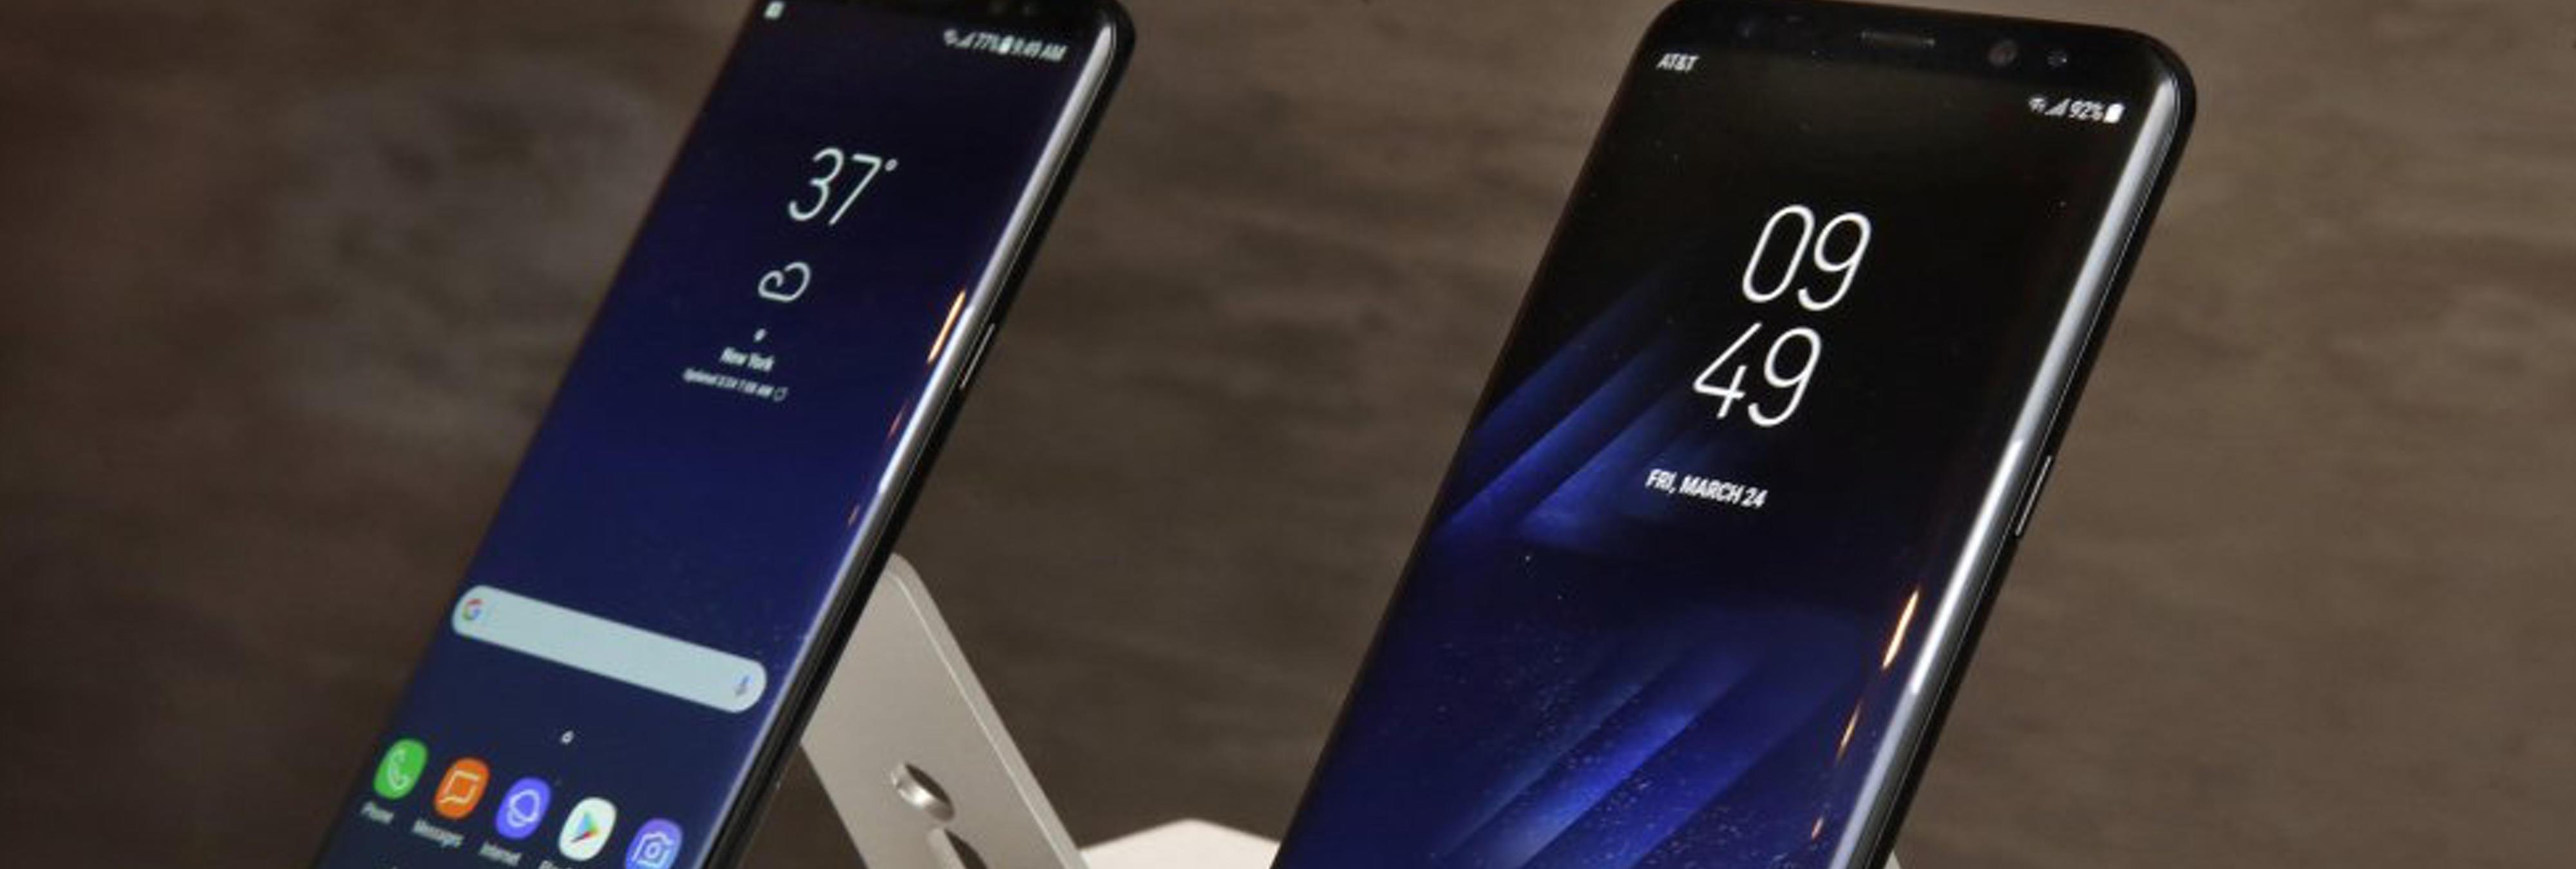 Todo sobre el Samsung Galaxy S8, el nuevo buque insignia de Samsung